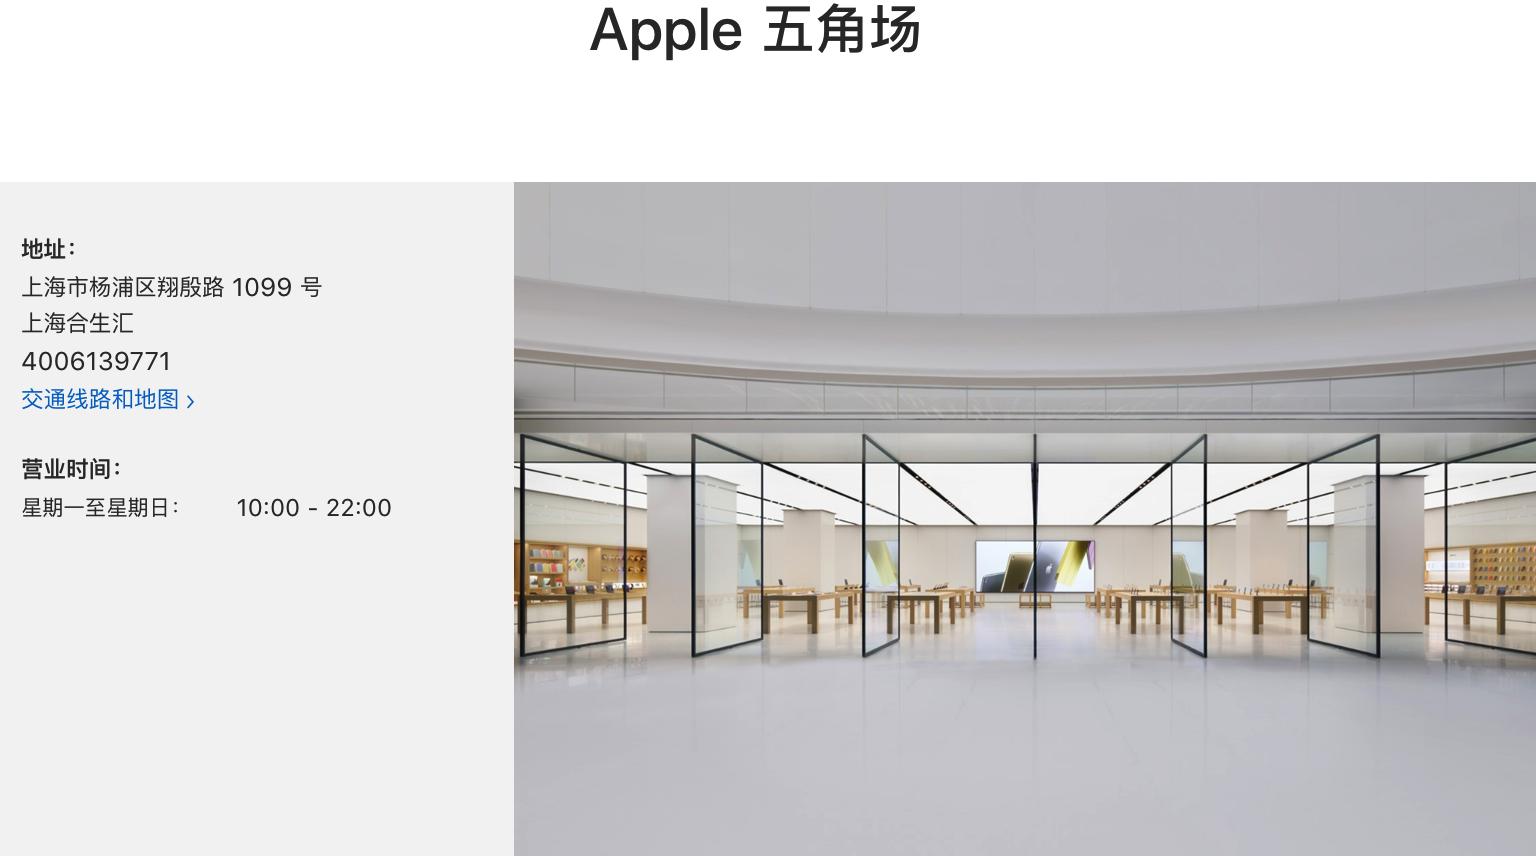 苹果直营店介绍之上海五角场AppleStore